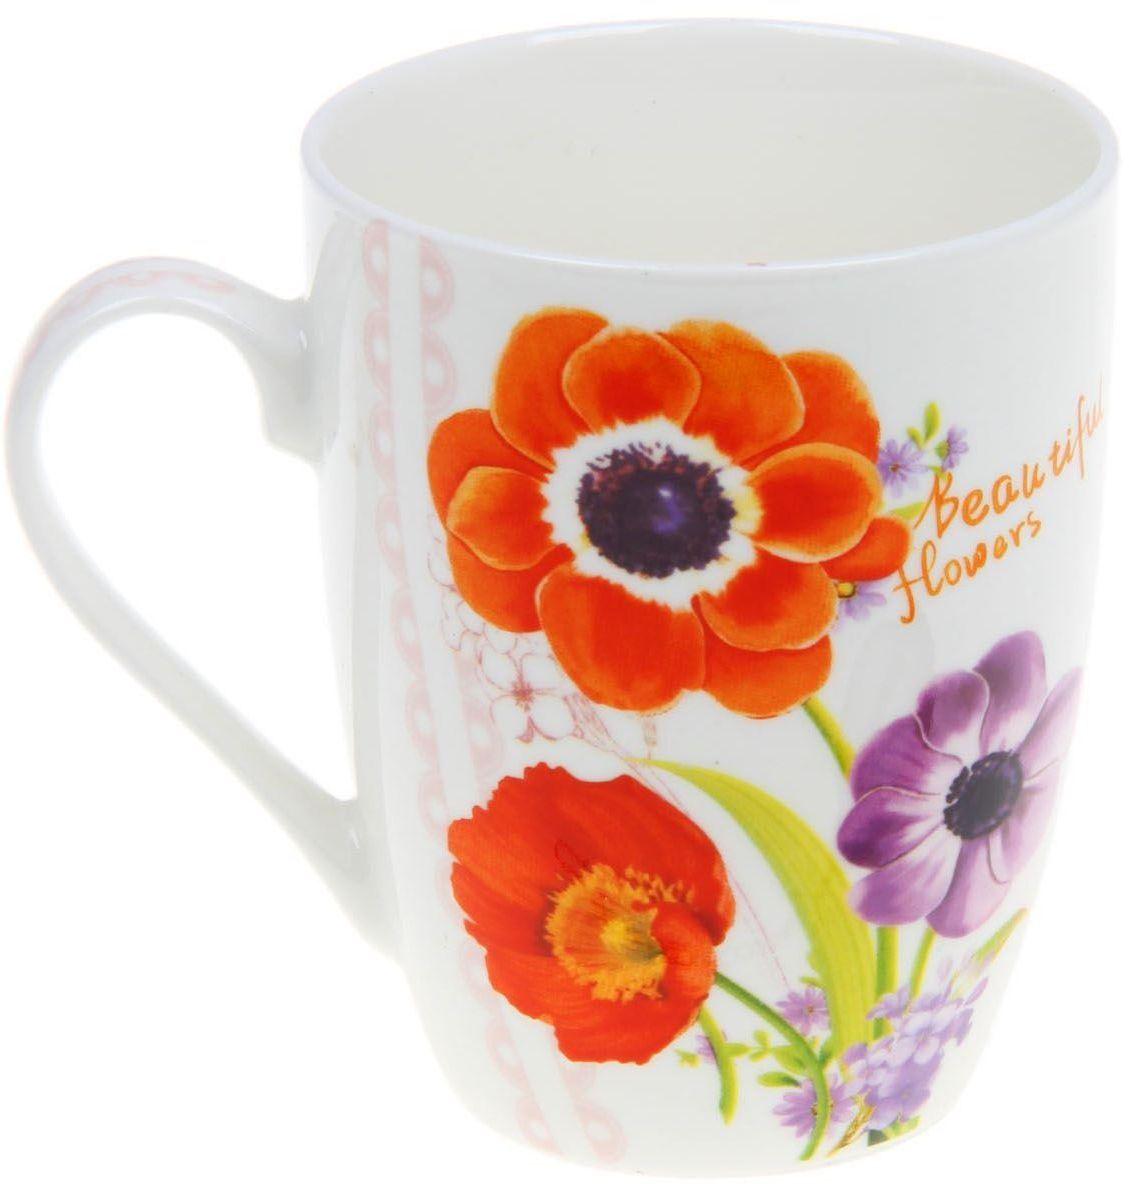 """Кружка Доляна """"Мираж цветов"""" изготовлена из керамики. Она украшена оригинальным цветочным рисунком. Кружка станет отличным подарком для родных и близких. Это любимый аксессуар на долгие годы.  Относитесь к изделию бережно, и оно будет дарить прекрасное настроение каждый день."""